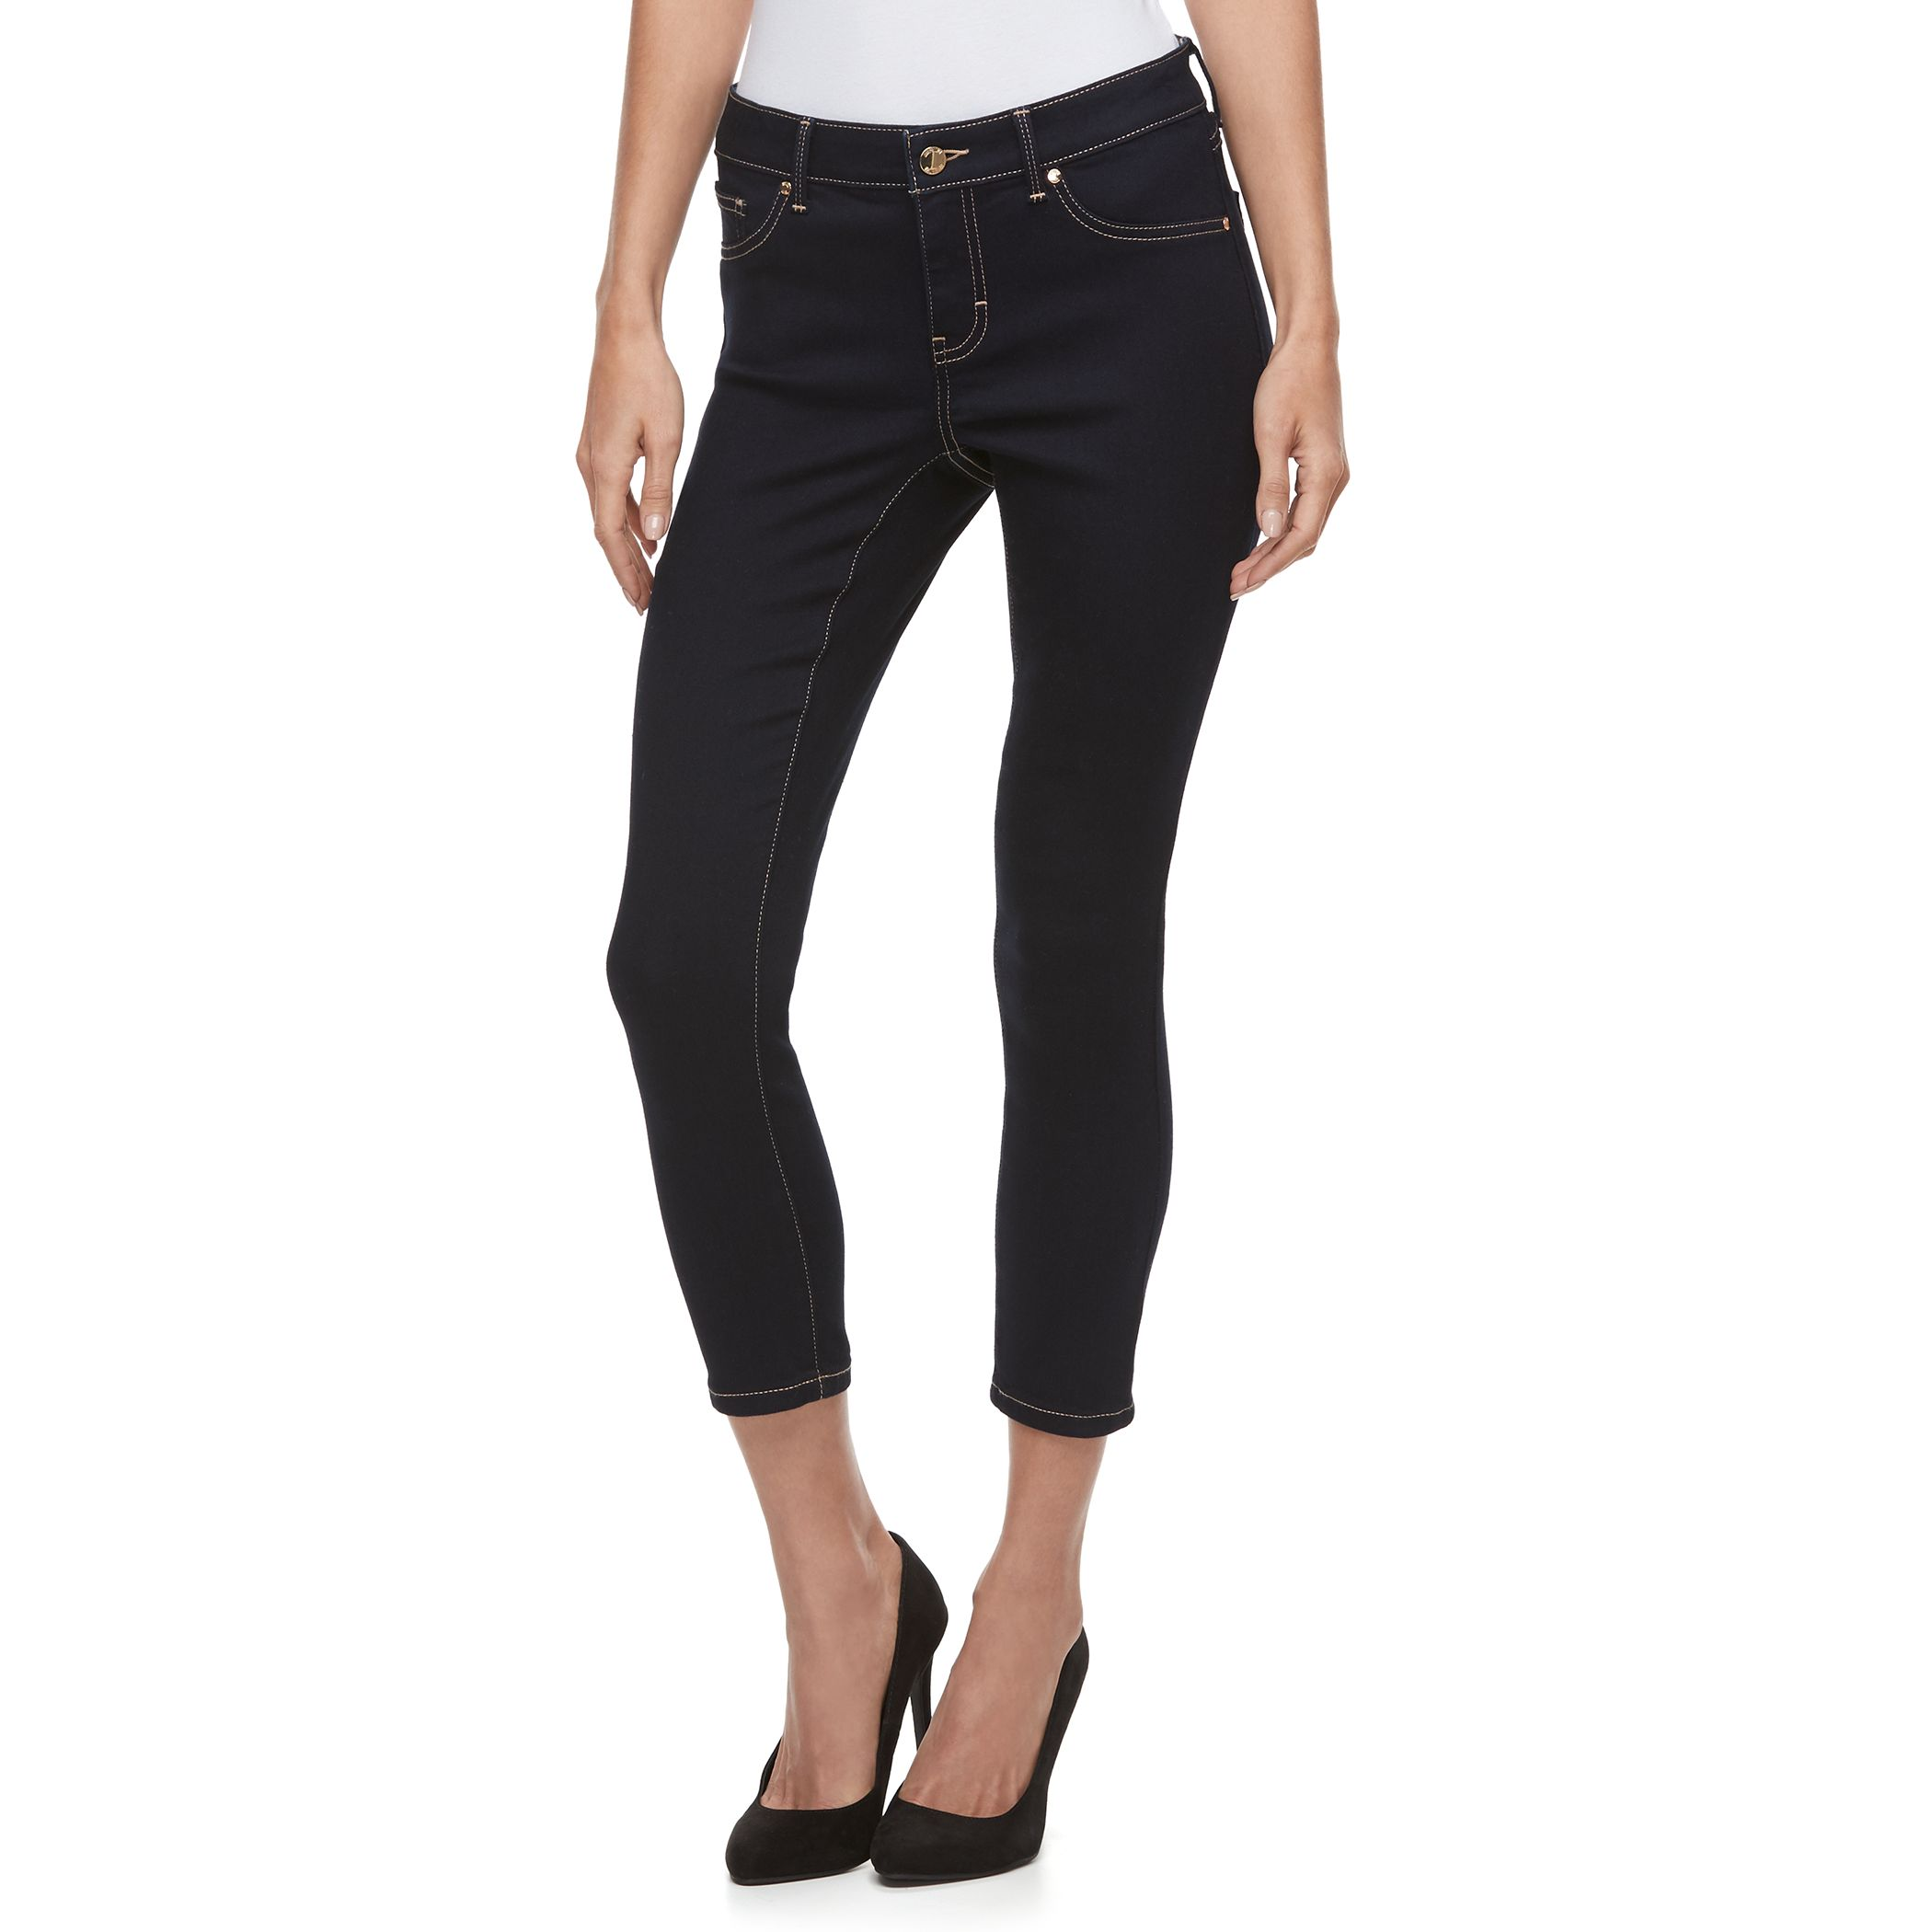 Skinny jeans kohls